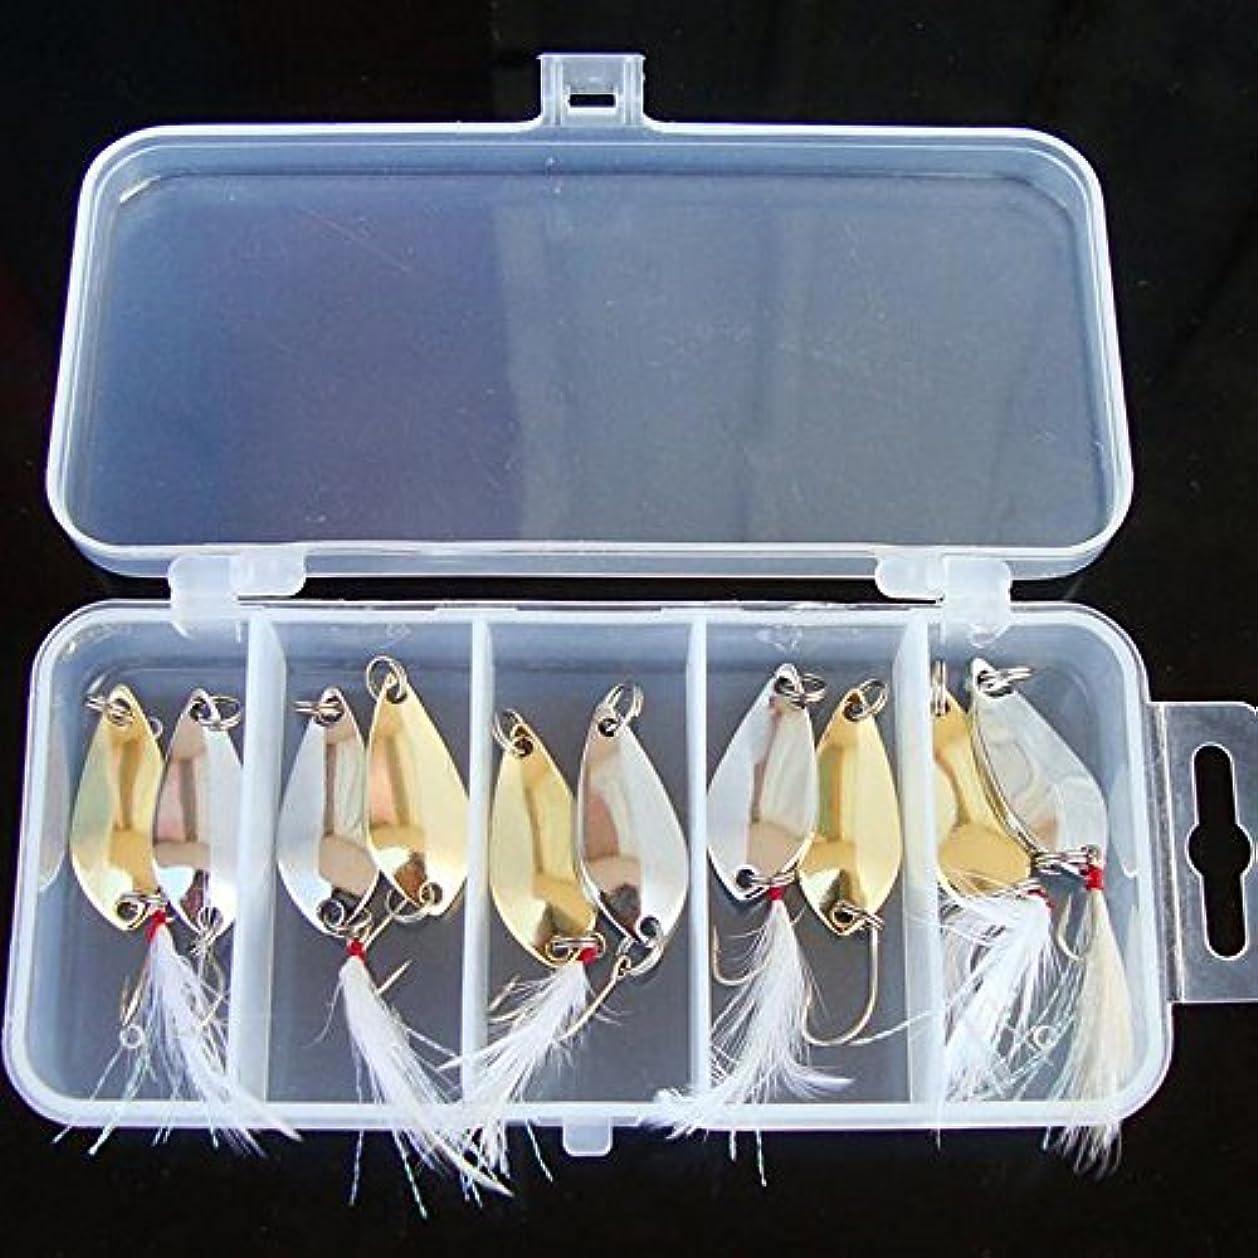 アレルギーペインギリックブリークAGadget釣りスプーンの海水淡水釣りキットタックルボックス10個入り2.5 – 5 g